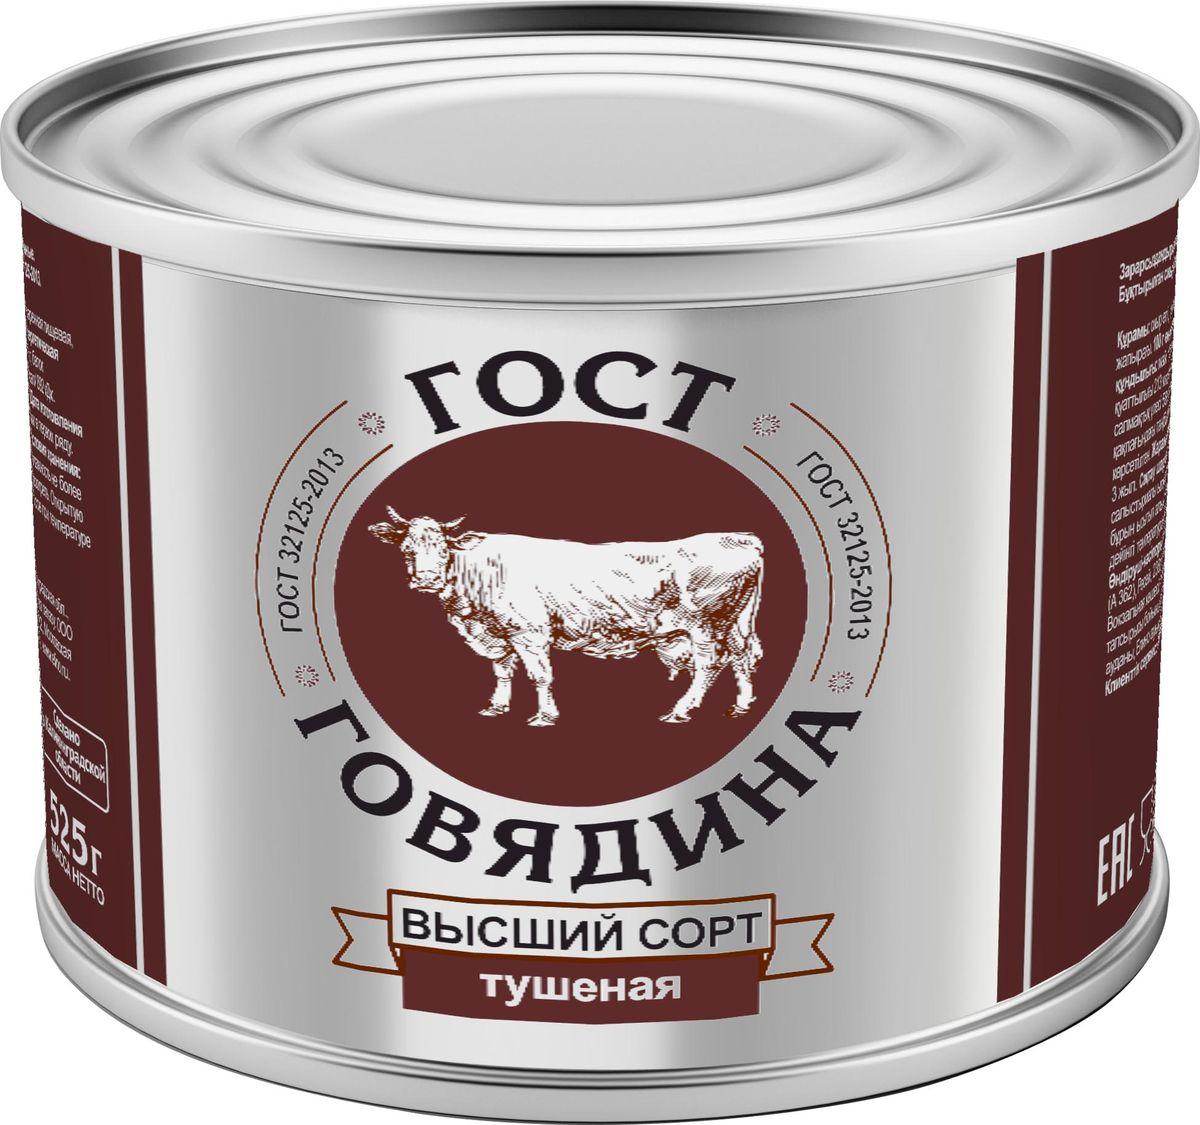 Елинский говядина тушеная семейный бюджет, 525 г троицкий консервный комбинат говядина тушеная 338 г